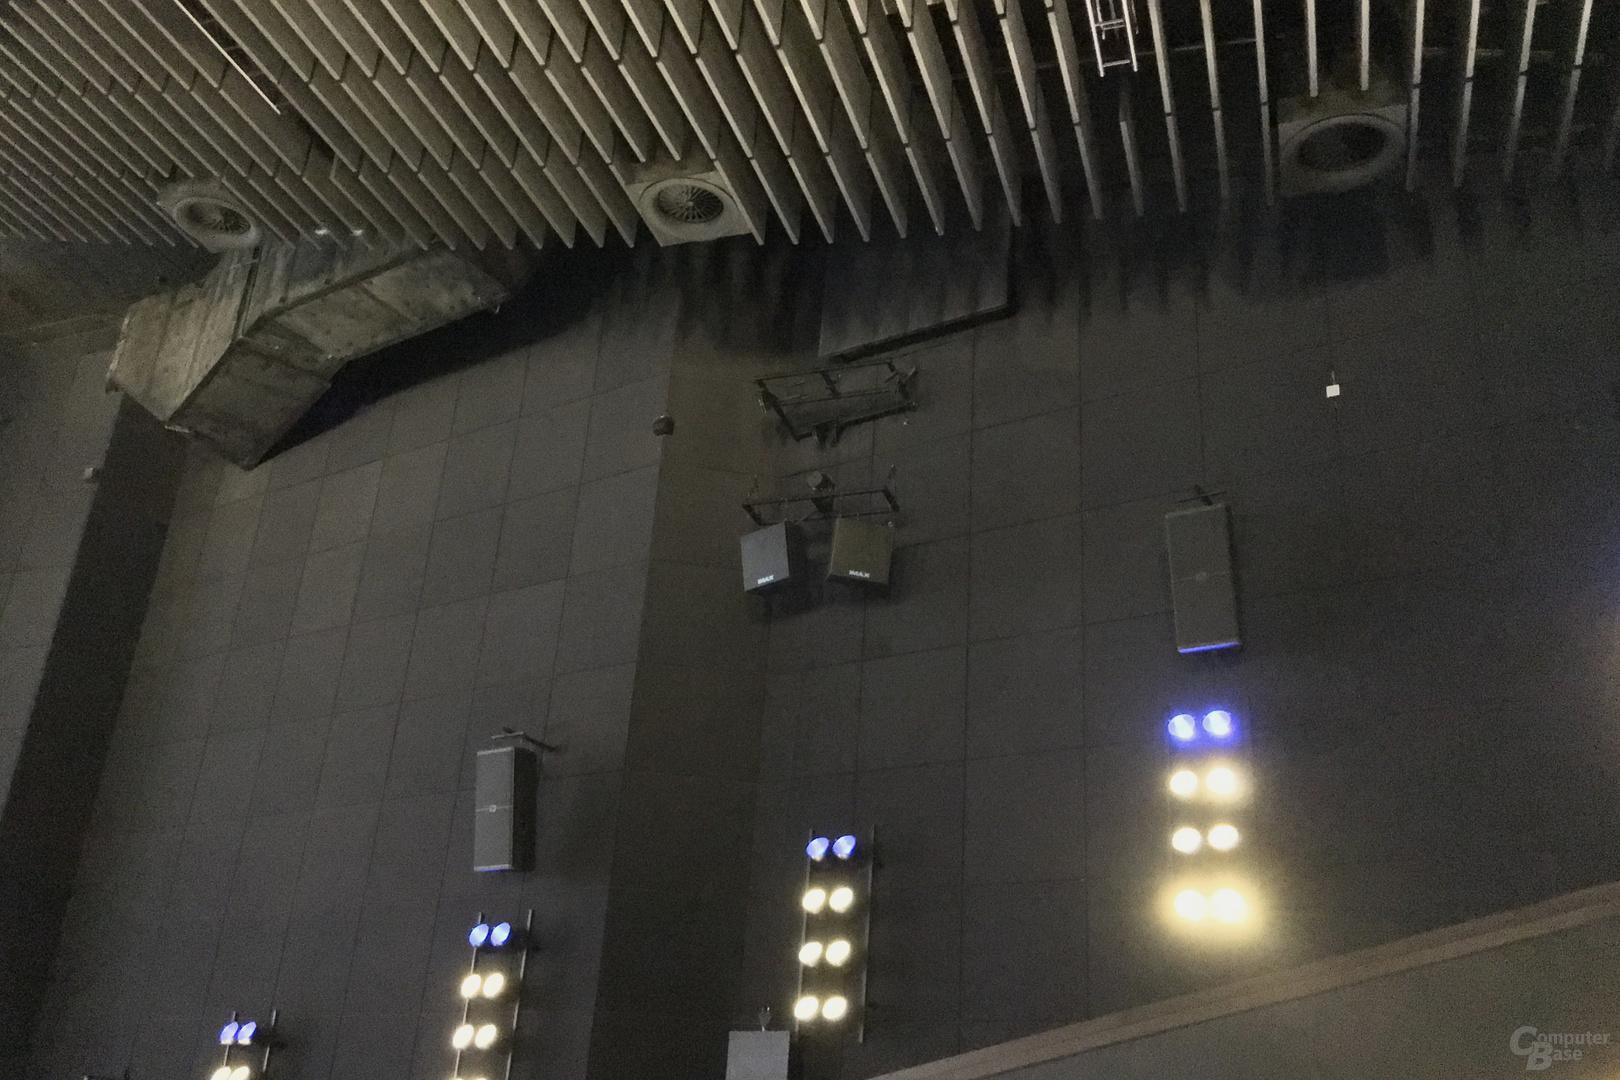 Zwei zusätzliche Kanäle links und rechts mit jeweils zwei Lautsprechern